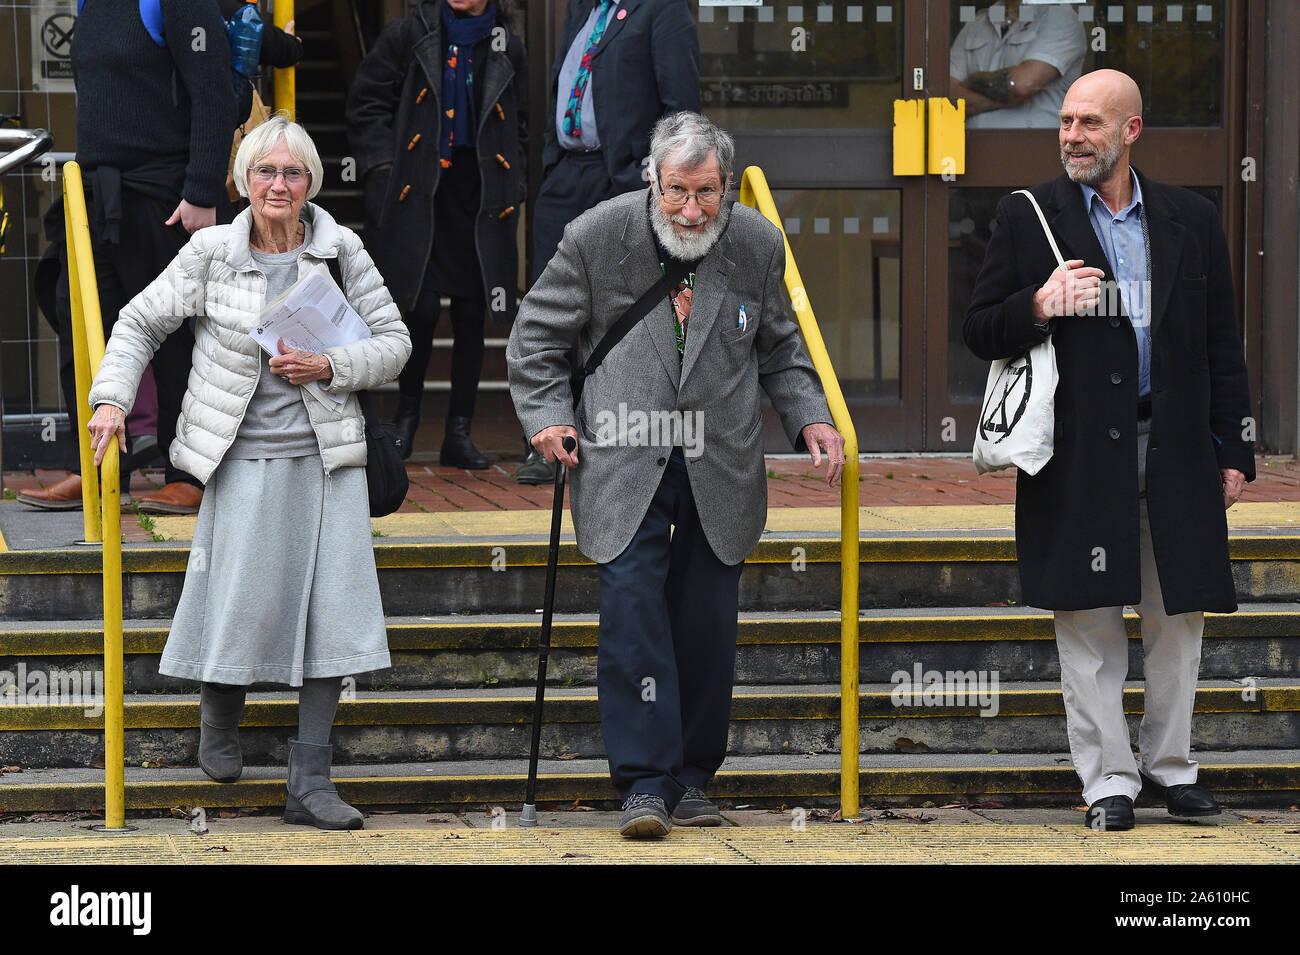 """(Nach rechts) Aussterben Rebellion Aktivisten Ursula Pethick, 83, John lynes, 91, und John Halladay, 61 Links, verlassen Folkestone Magistrates' Court, wo sie für ihre Rolle in der """"Blockade"""" der Hafen von Dover im September erschien. Stockfoto"""